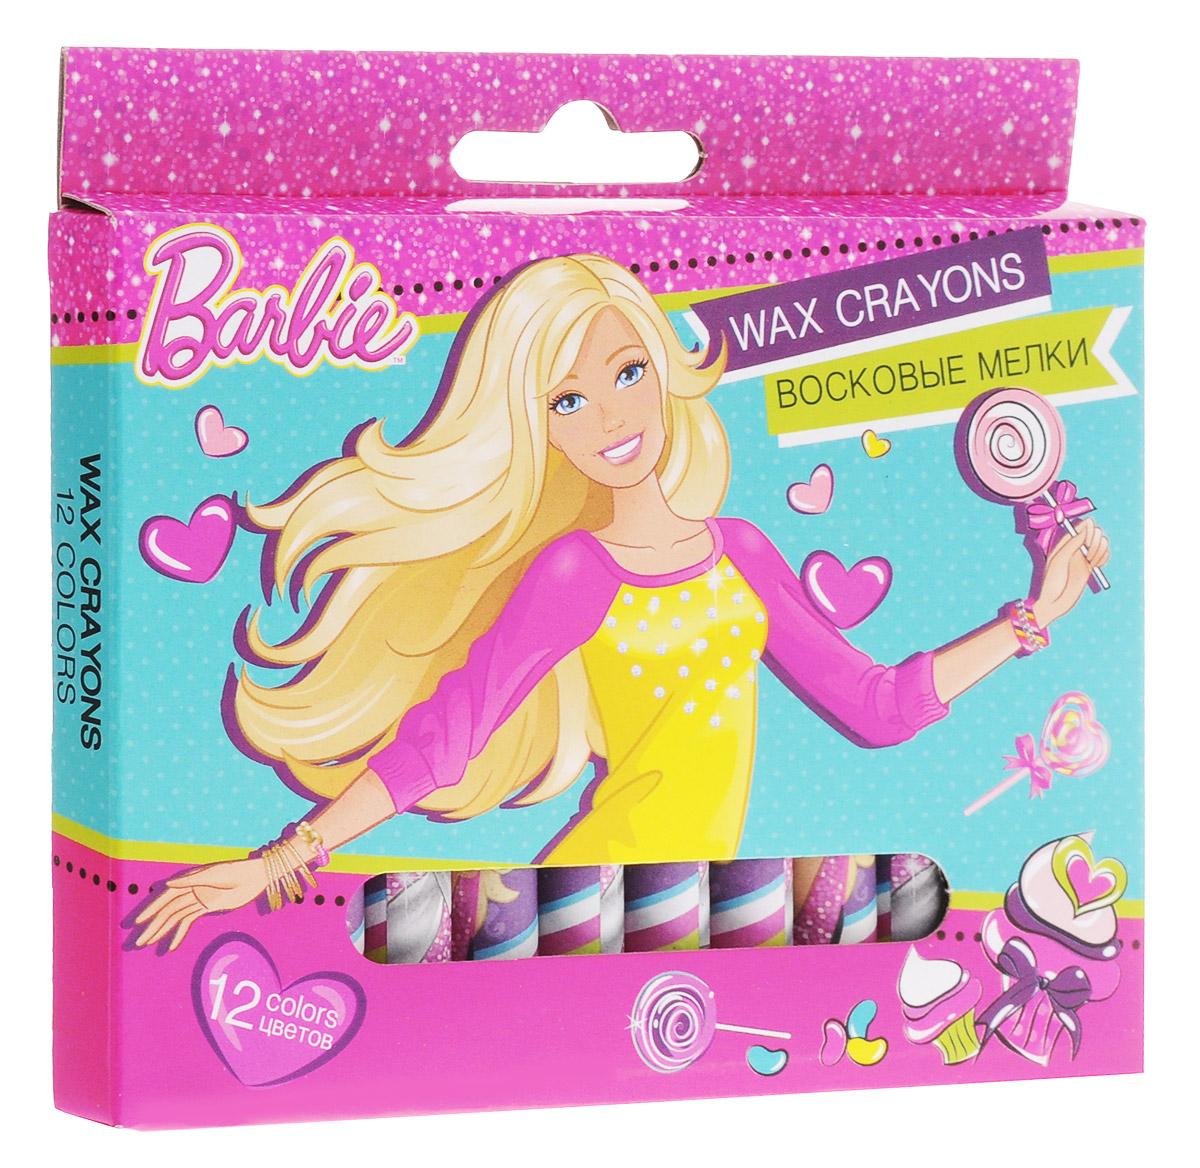 Barbie Восковые мелки 12 цветовTC_10463Набор восковых мелков Barbie содержит мелки 12 ярких насыщенных цветов. Каждый мелок обернут в бумажную гильзу. Круглый утолщенный корпус особенно удобен для маленьких детских ручек. Мелки обладают отличными кроющими свойствами, не требуют сильного нажатия. Рисунки мелками стираются обычным ластиком. Не токсичны и абсолютно безопасны. Цветные восковые мелки отличаются необыкновенной яркостью и стойкостью цвета. Легко смешиваются и позволяют создавать огромное количество оттенков. Очень прочные, не крошатся, не ломаются, не образуют пыли, самозатачиваются при рисовании. Восковые мелки откроют юным художникам новые горизонты для творчества, а также помогут отлично развить мелкую моторику рук, цветовое восприятие, фантазию и воображение, способствуют самовыражению.